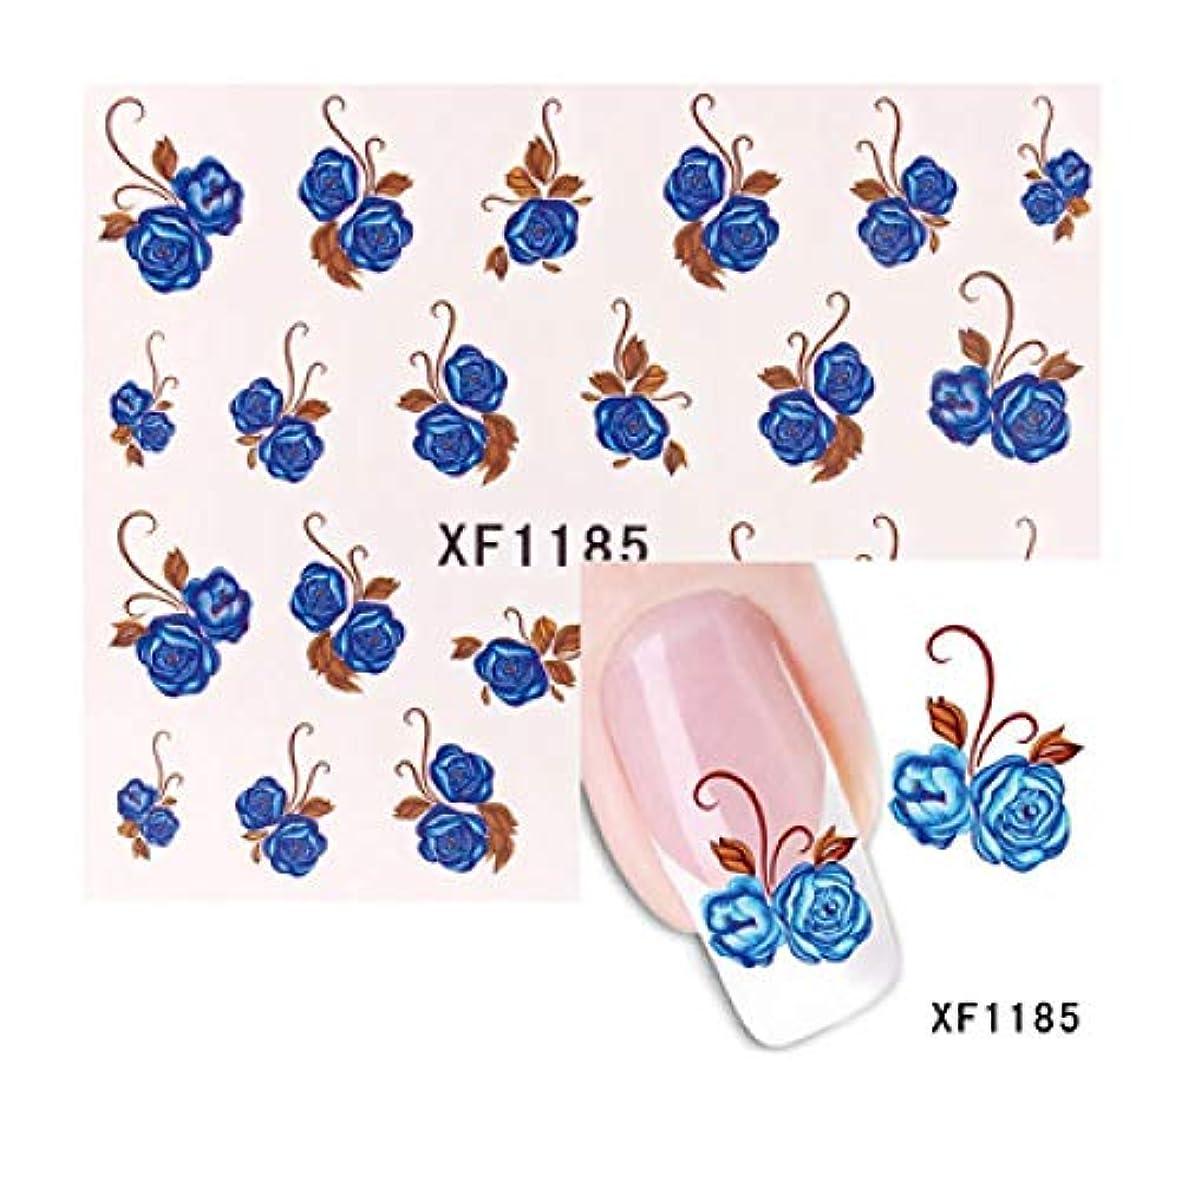 化石フォージ製造SUKTI&XIAO ネイルステッカー 1シート水転写ネイルアートステッカー花蝶デザインネイルラップステッカーヒント用品デカール、Xf1185